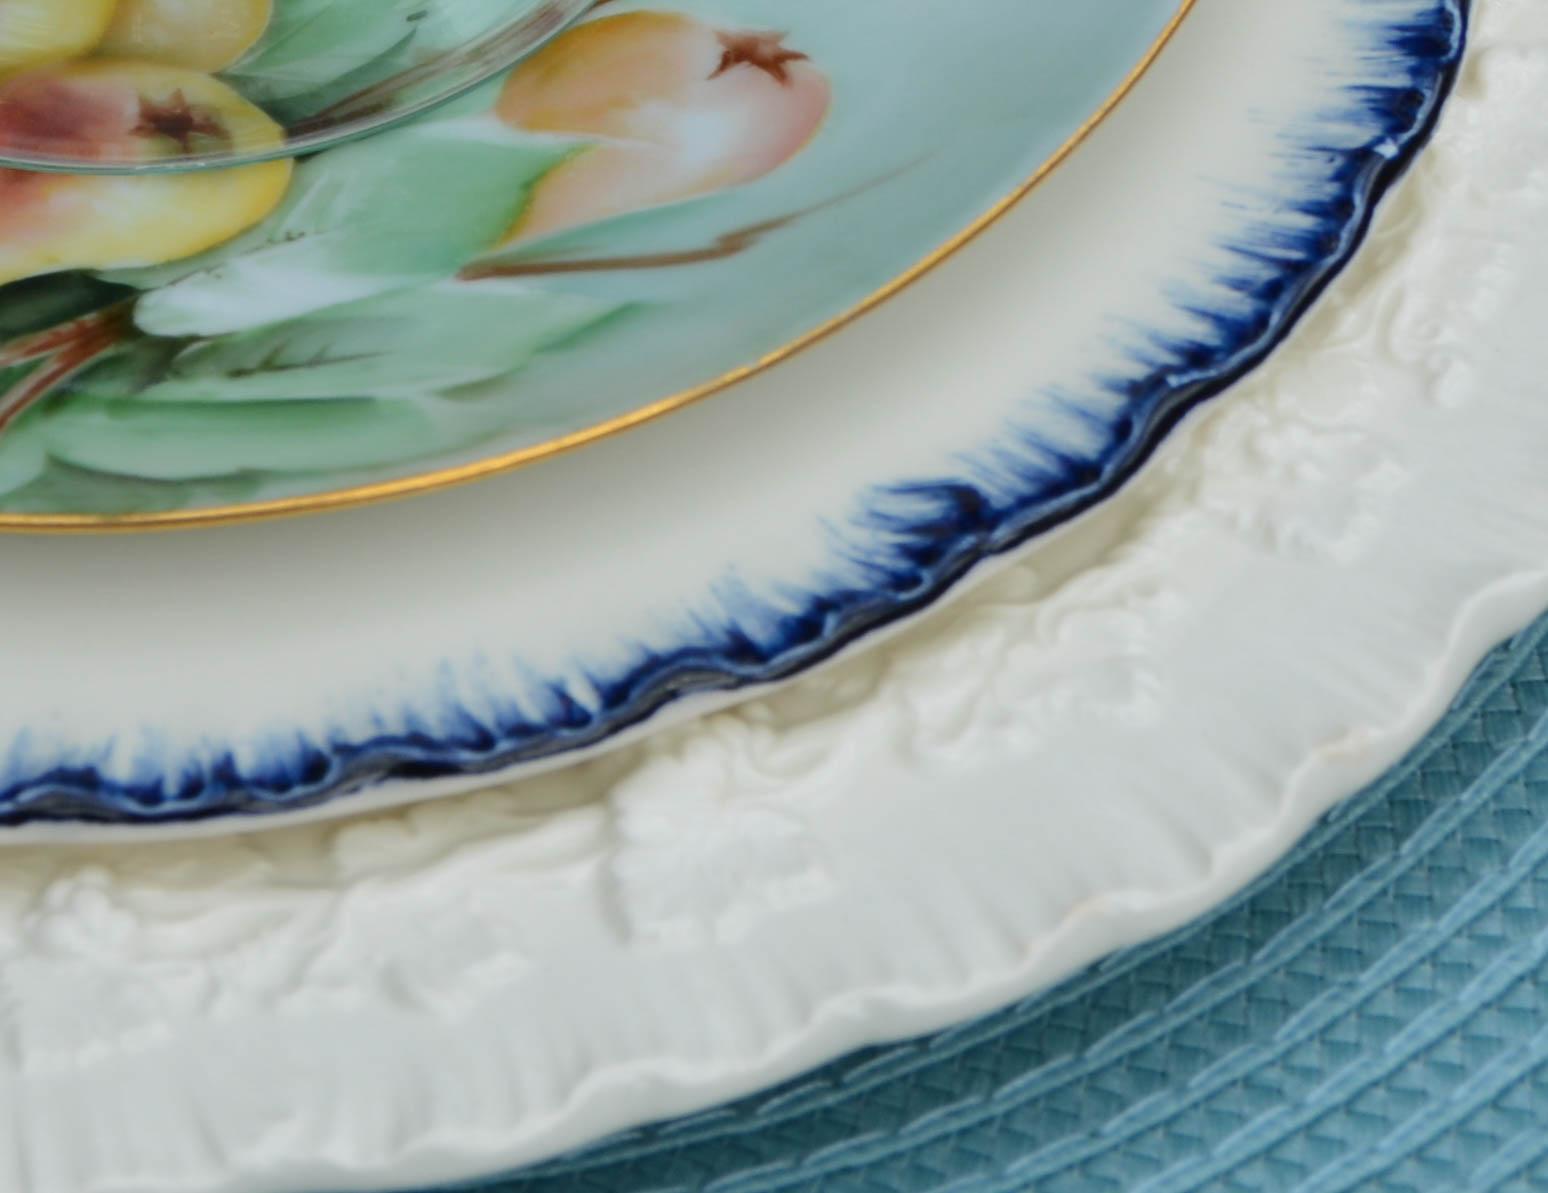 CreamwareShellEdgeCloseup-8559